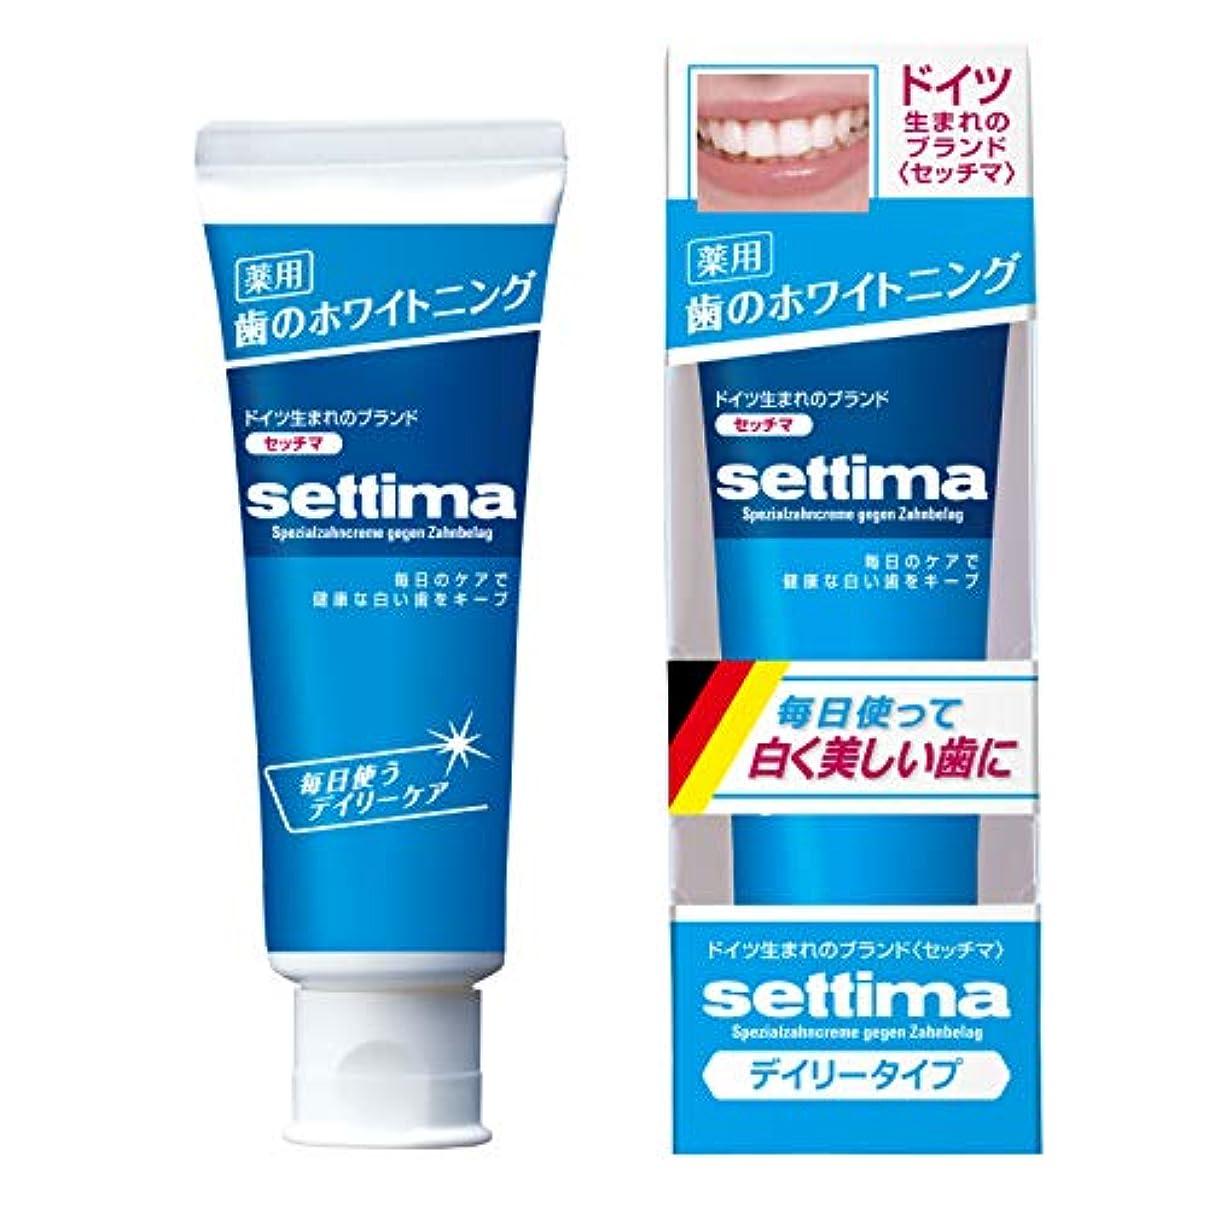 目の前の小康居住者settima(セッチマ) ホワイトニング 歯みがき デイリーケア [ファインミントタイプ]  80g